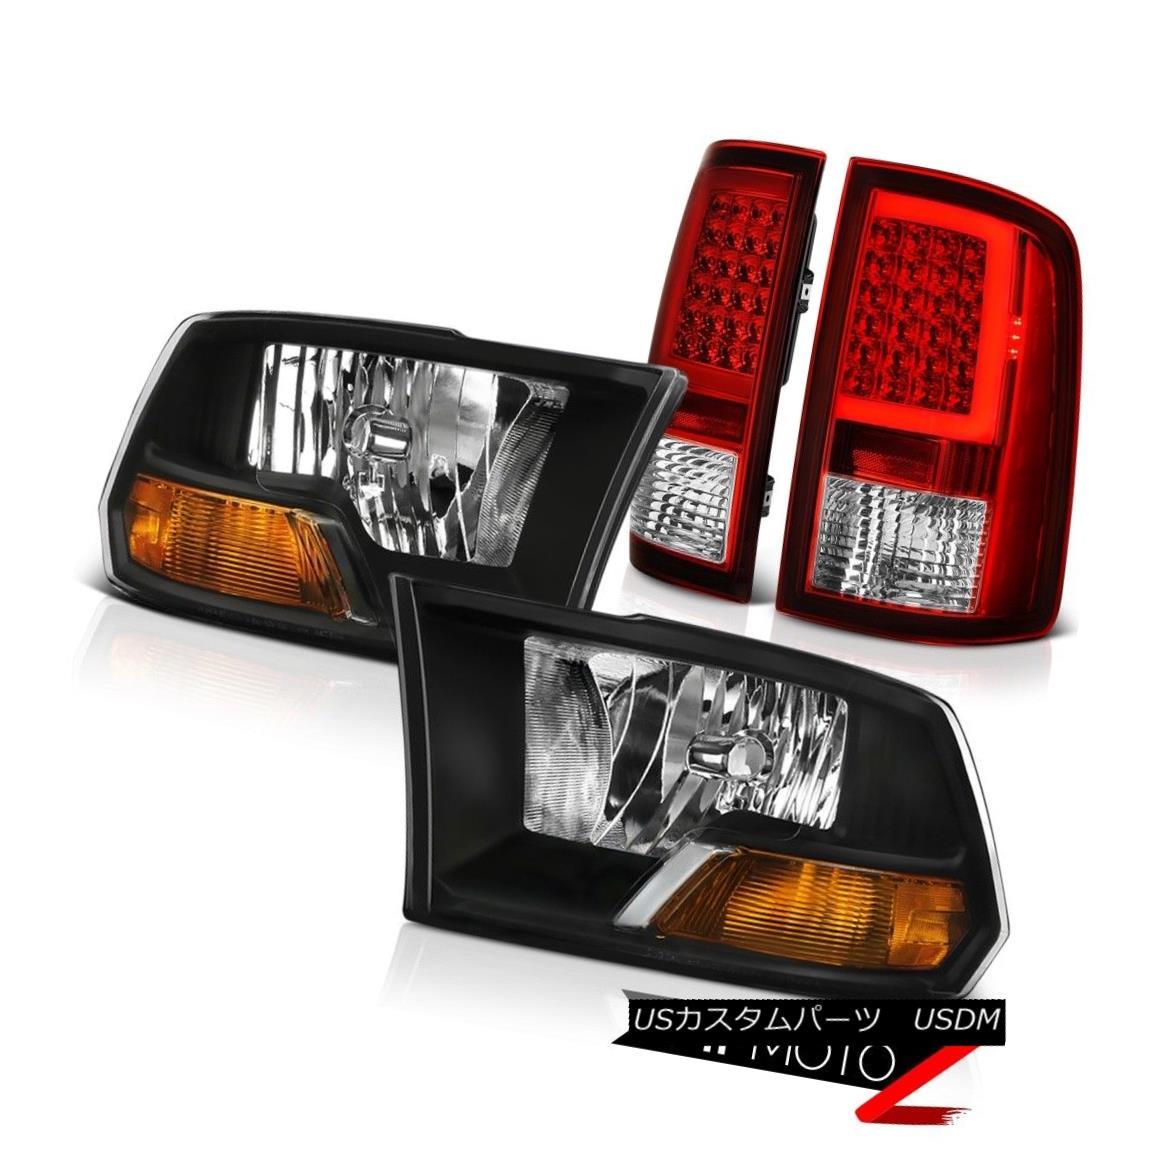 ヘッドライト 09 10 11 12 13-18 Dodge RAM 1500 2500 Tail Light Black Factory Style Headlamp 09 10 11 12 13-18 Dodge RAM 1500 2500テールライトブラック工場風ヘッドランプ